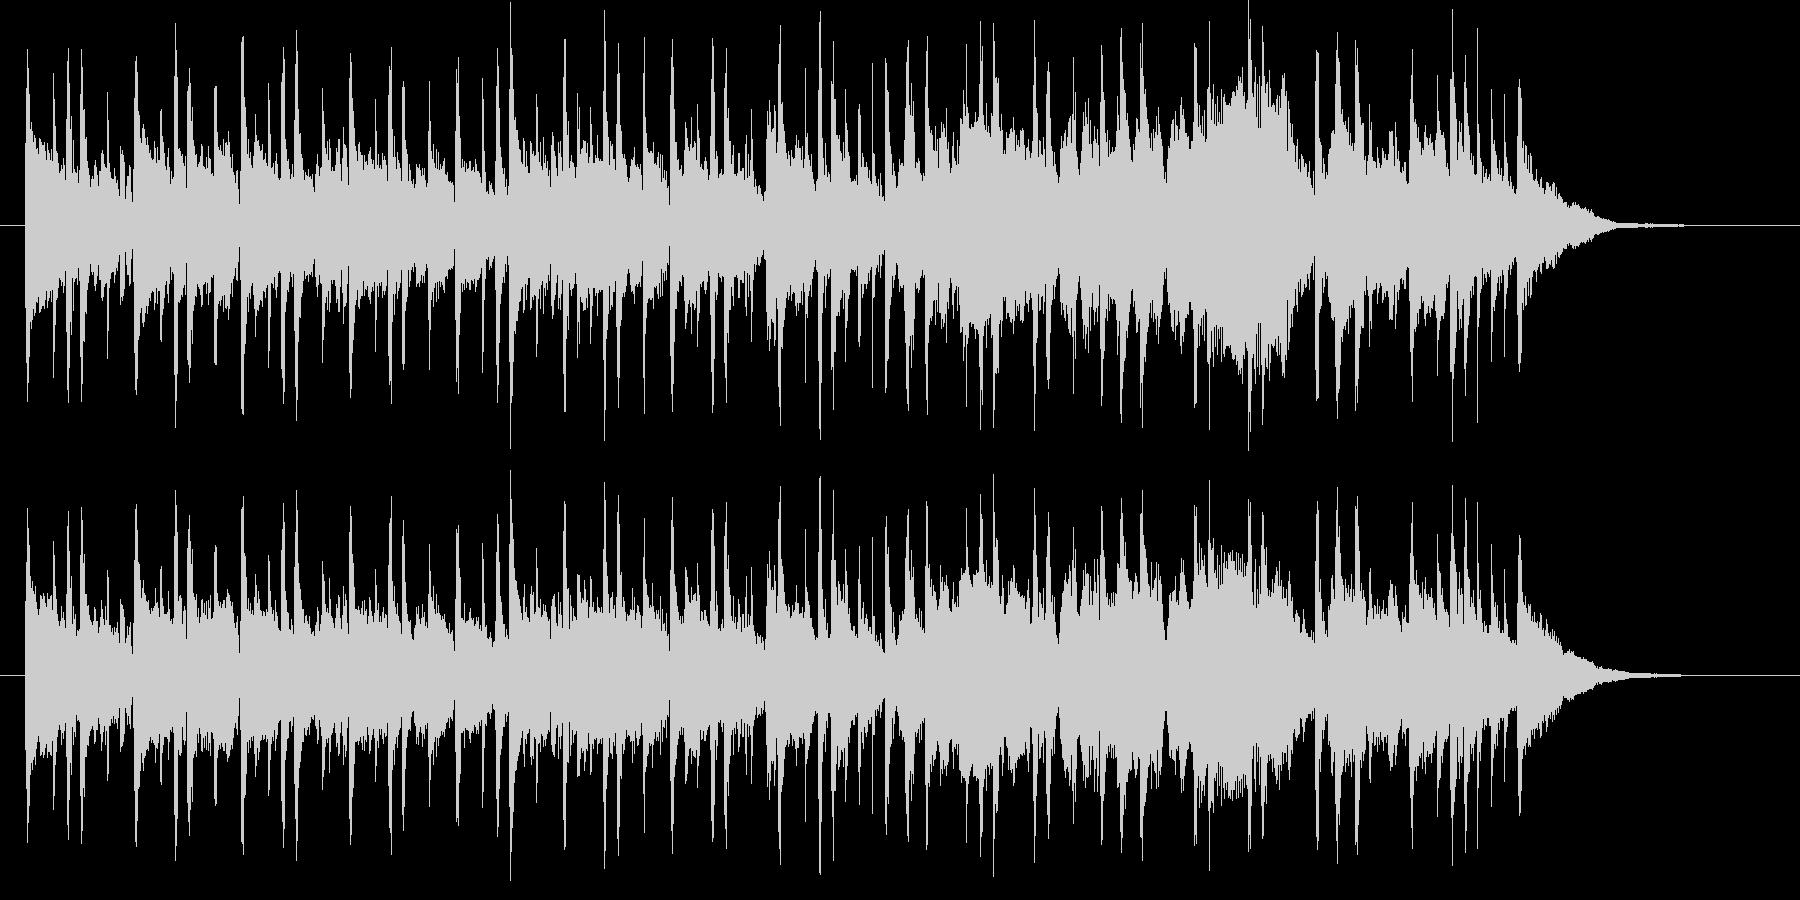 和やかでゆったりした音楽の未再生の波形